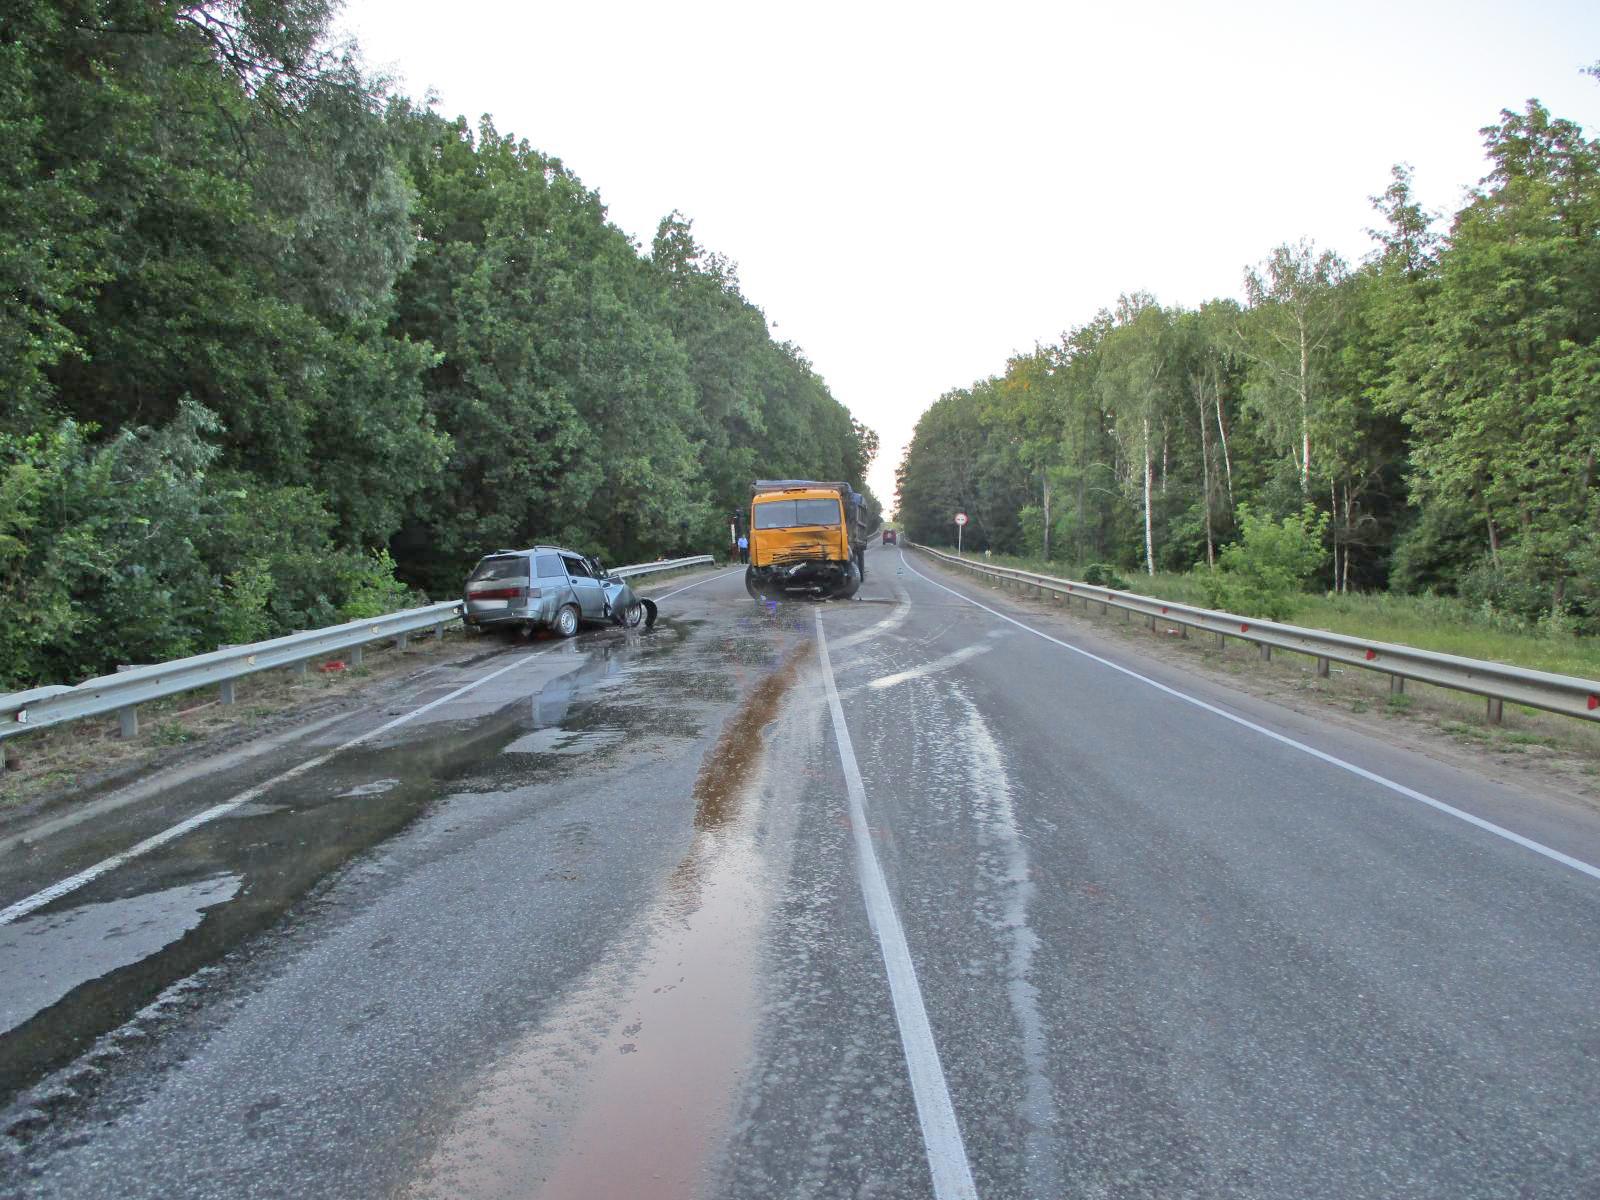 В Сосновском районе ВАЗ выехал навстречку и протаранил грузовик: есть погибший